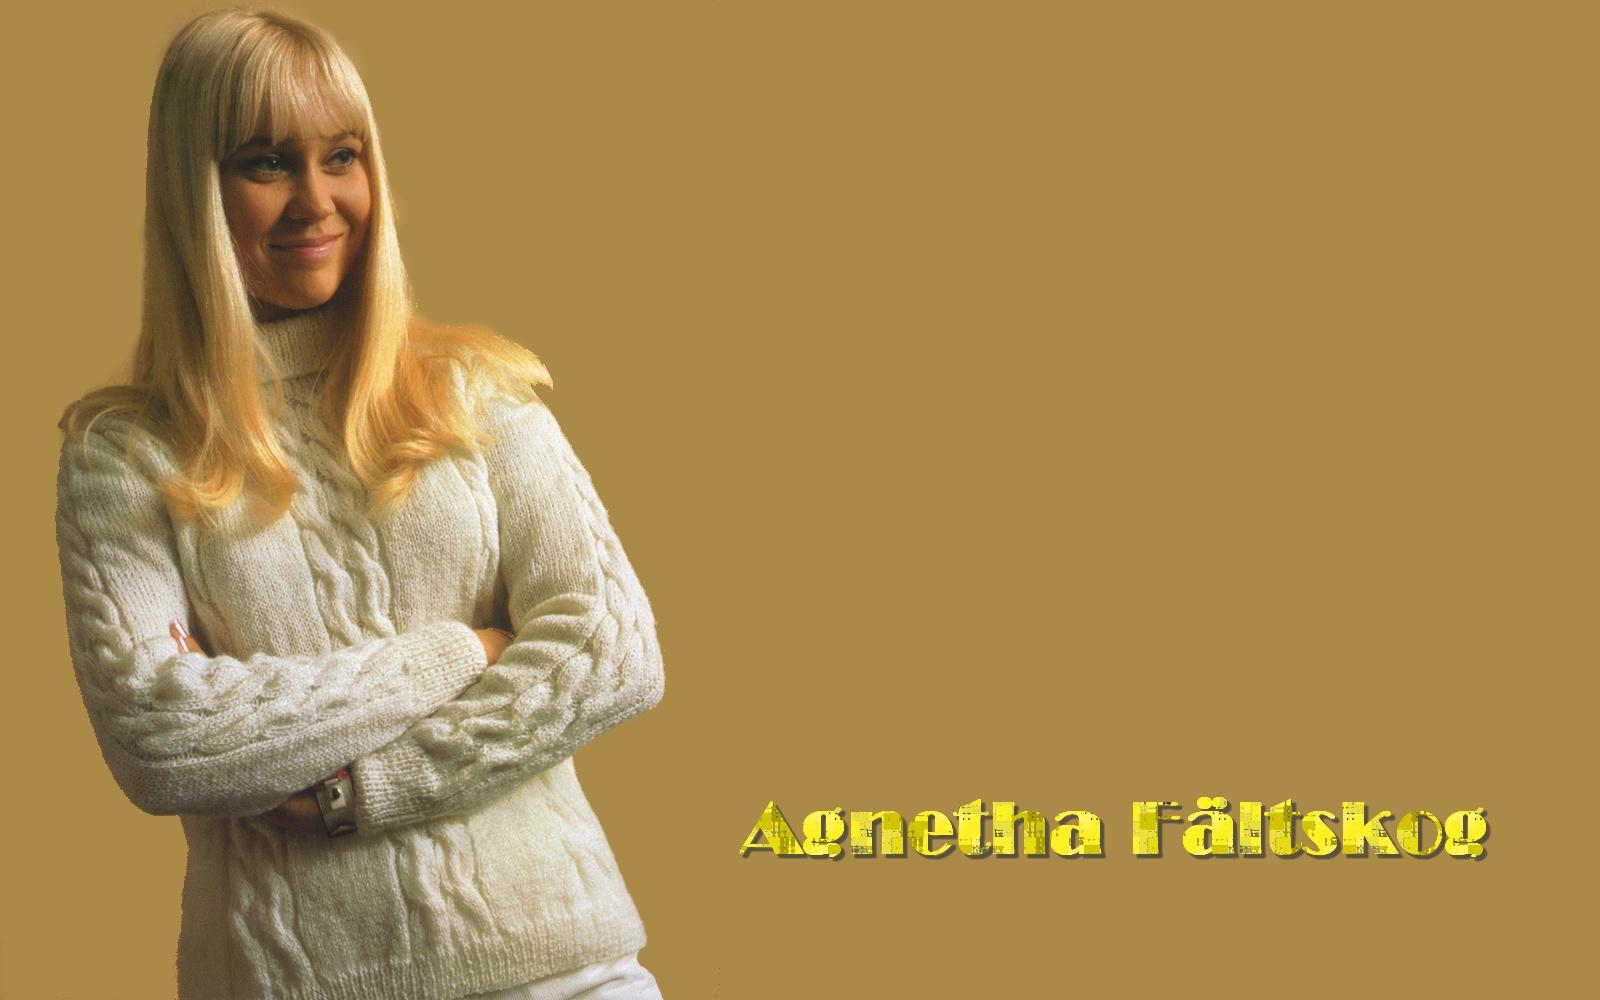 http://1.bp.blogspot.com/-H5HyX1CoaGE/T3gneuT8fAI/AAAAAAADzhI/TelfXJchkbg/s1600/Agnetha%2BFaltskog%2BWallpaper%2B14.jpg